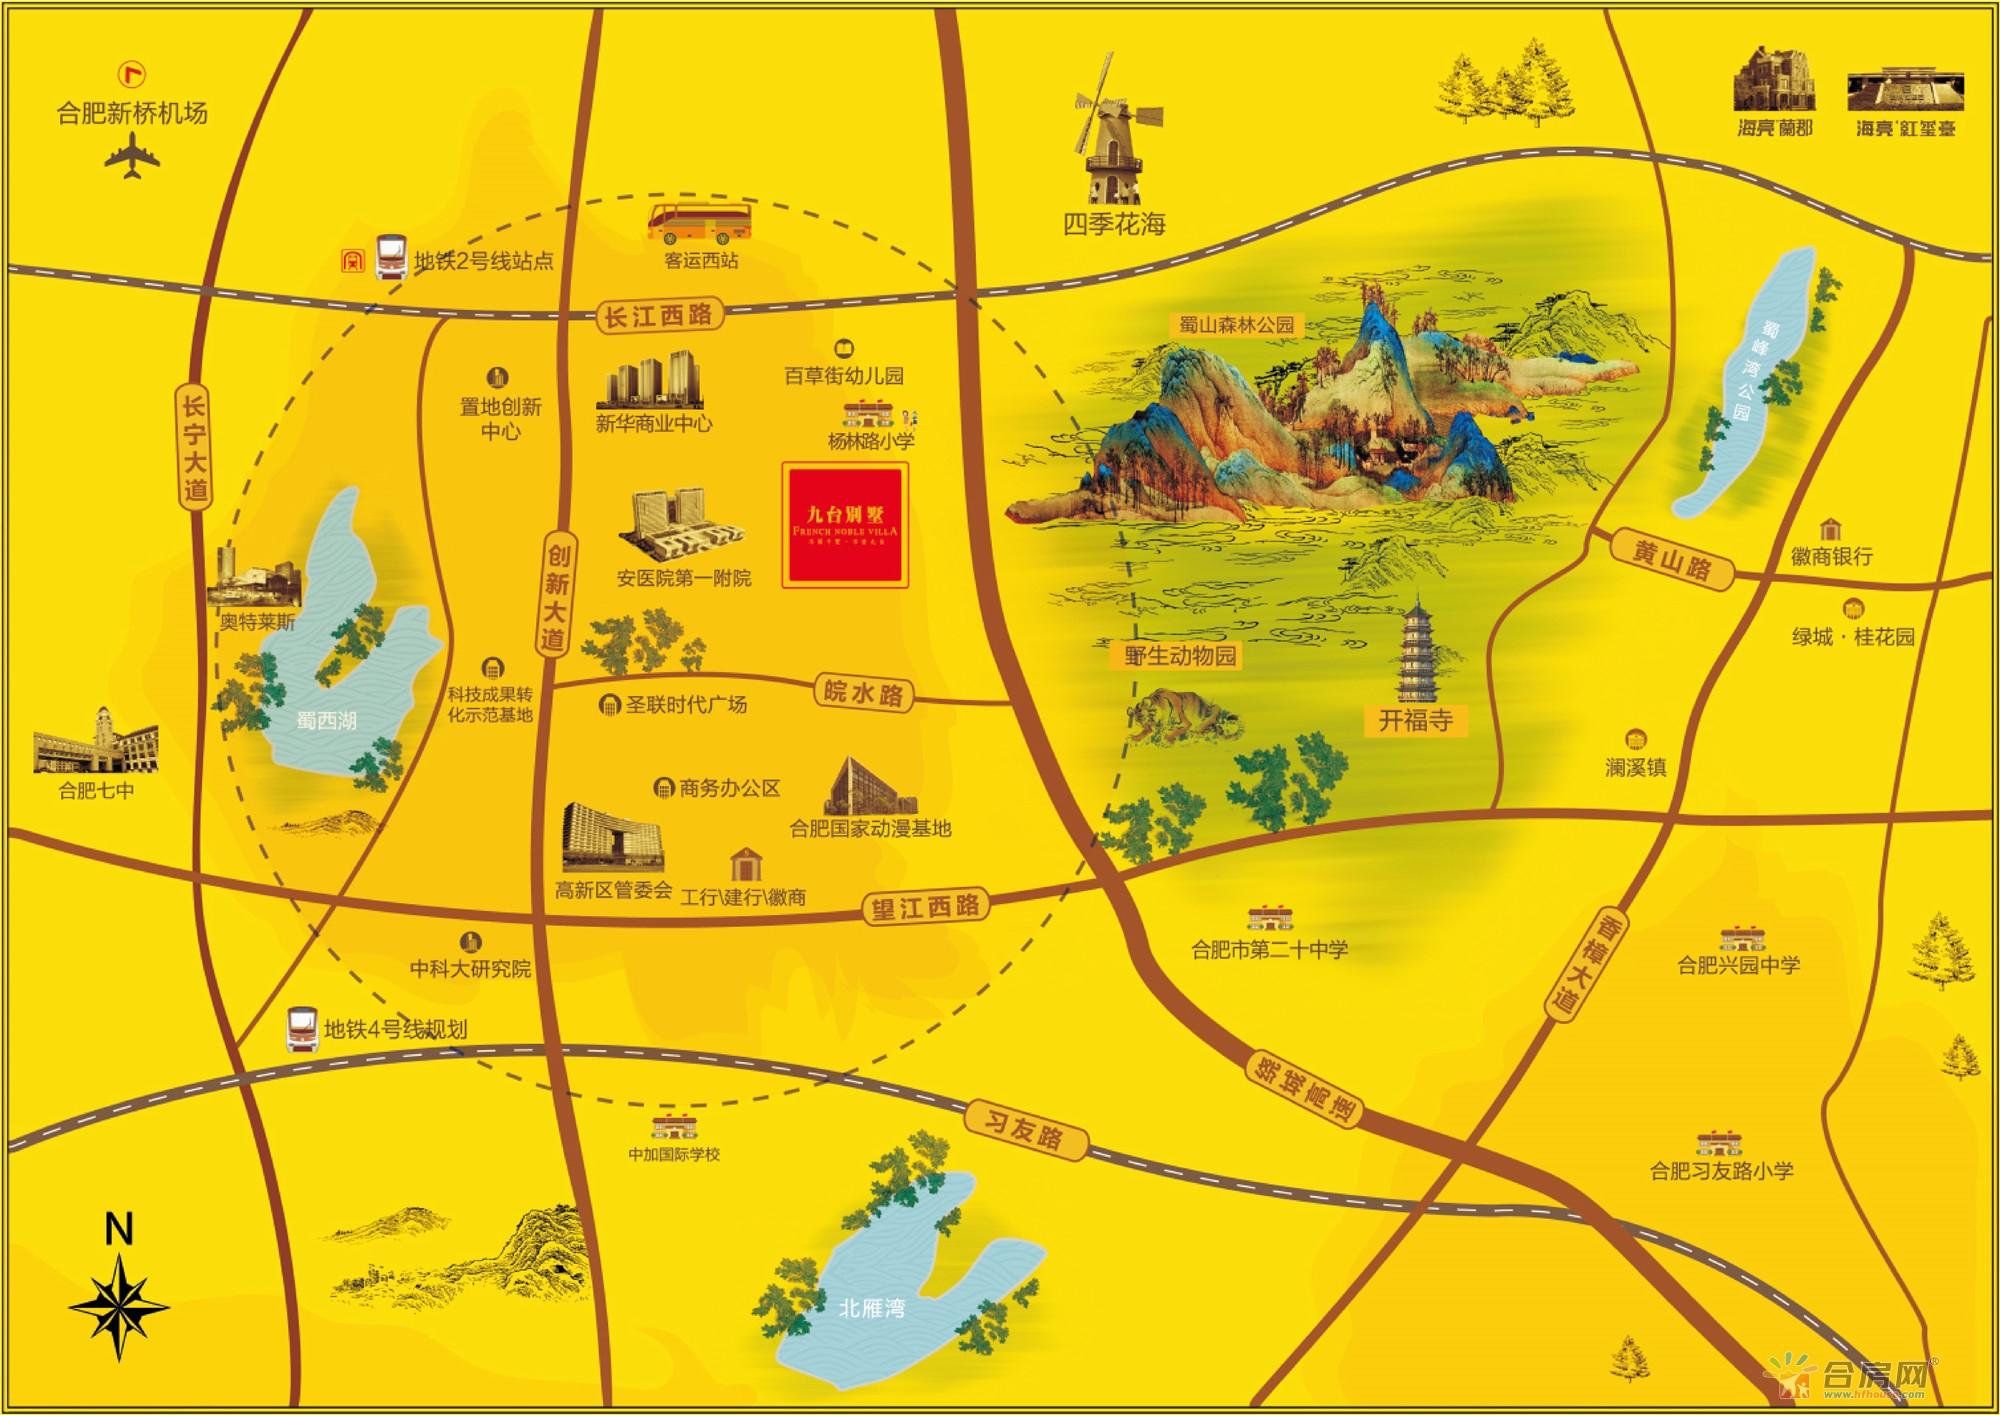 九台别墅交通图